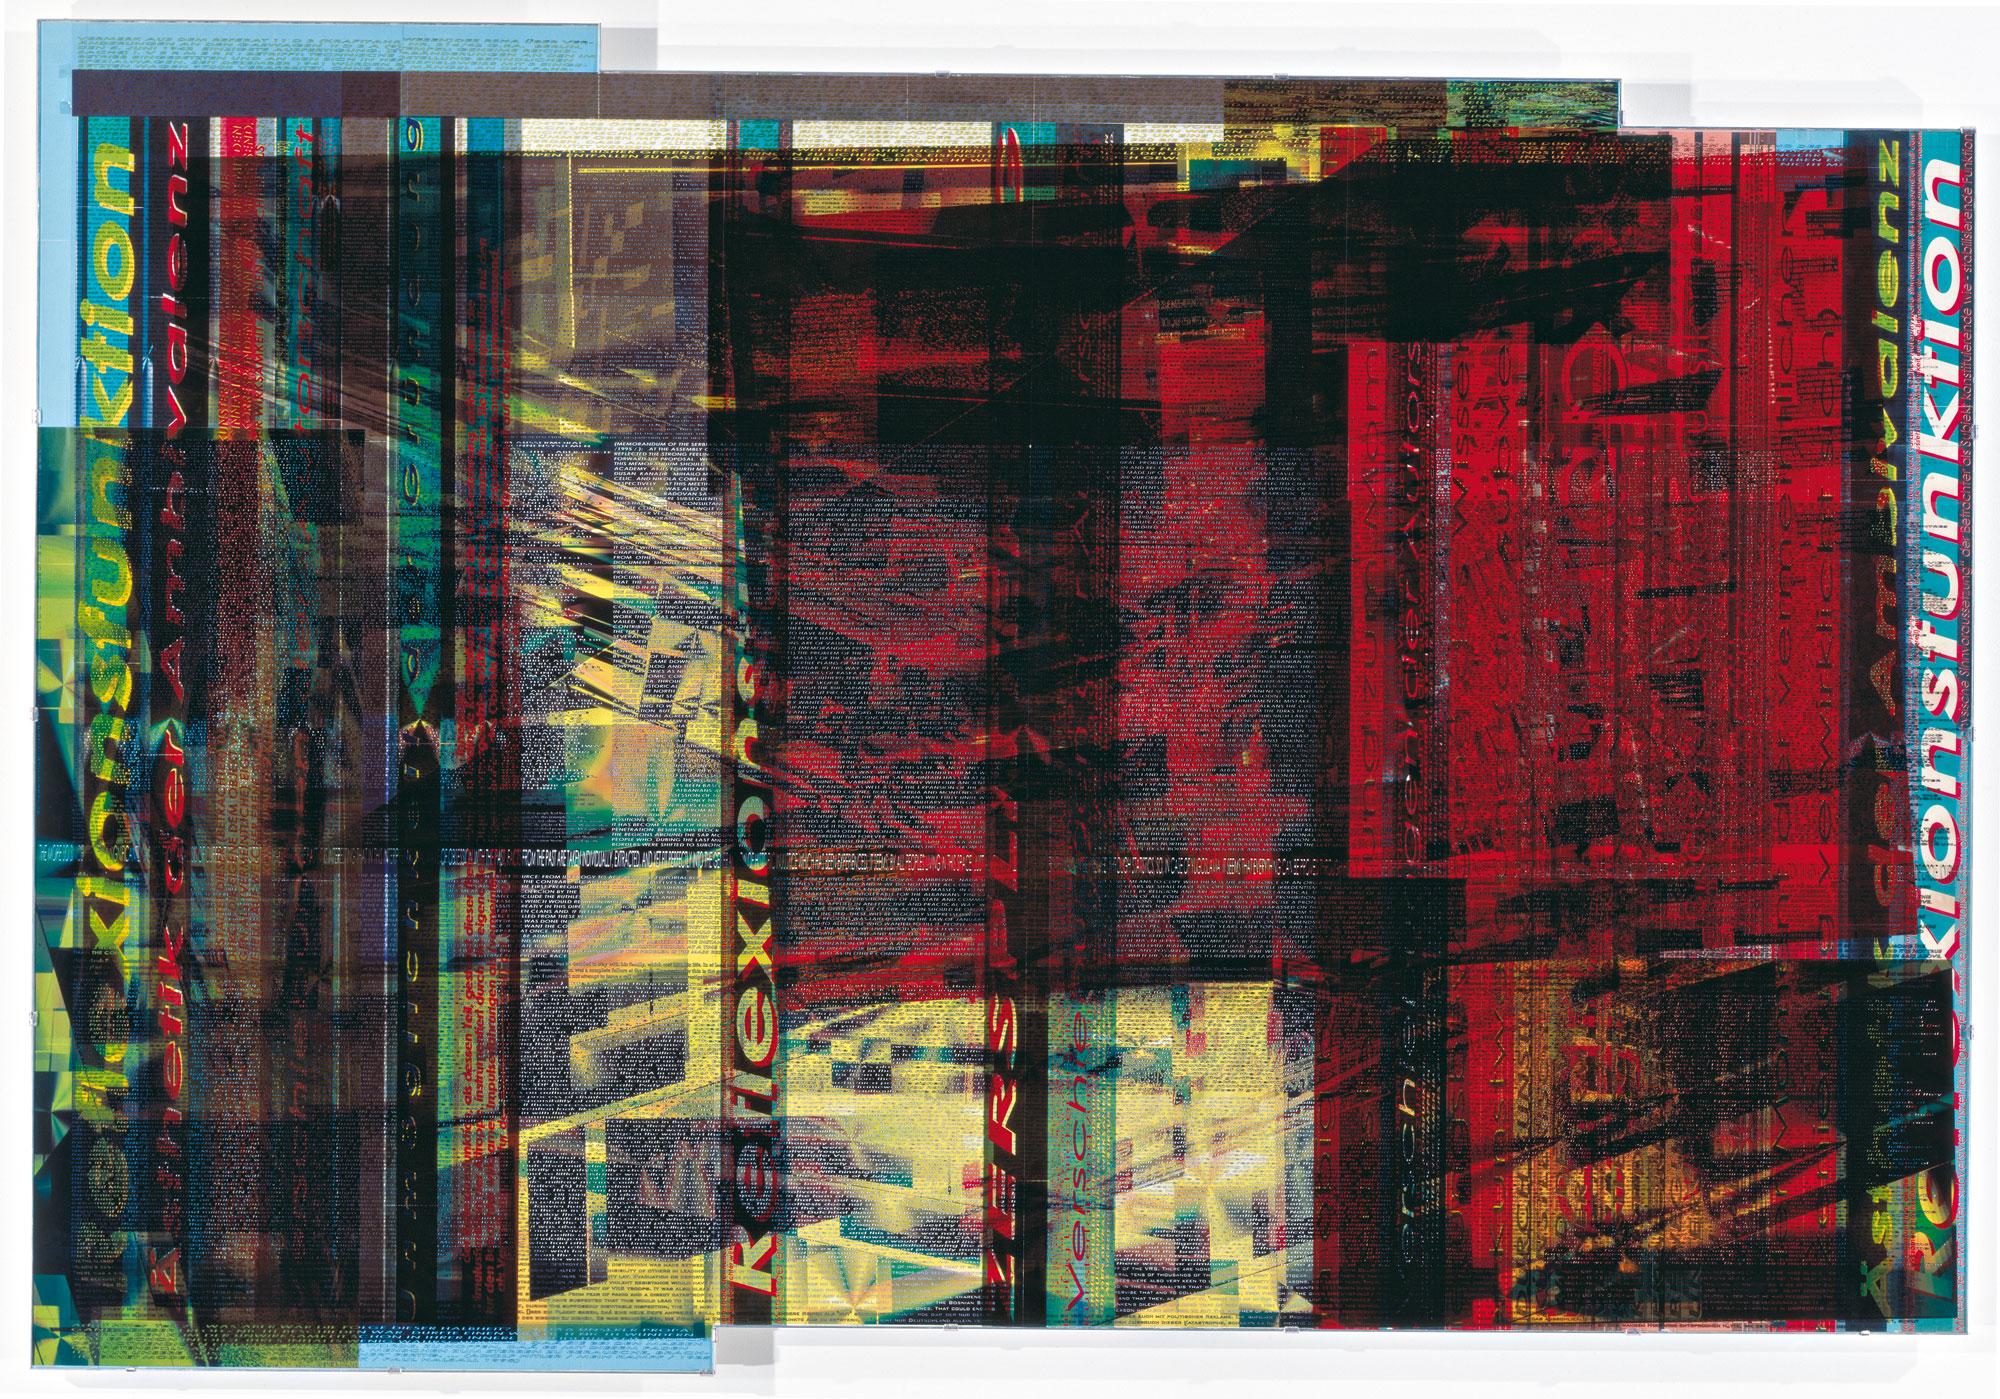 Herwig Steiner (1956L), Pre-Print 57P1 Textfields Battlefields / engl / dt / 2003 / computergenerierter Print / mehrlagig / Folie auf Platte / Acrylglas / 166,4x240cm Foto: Schachinger